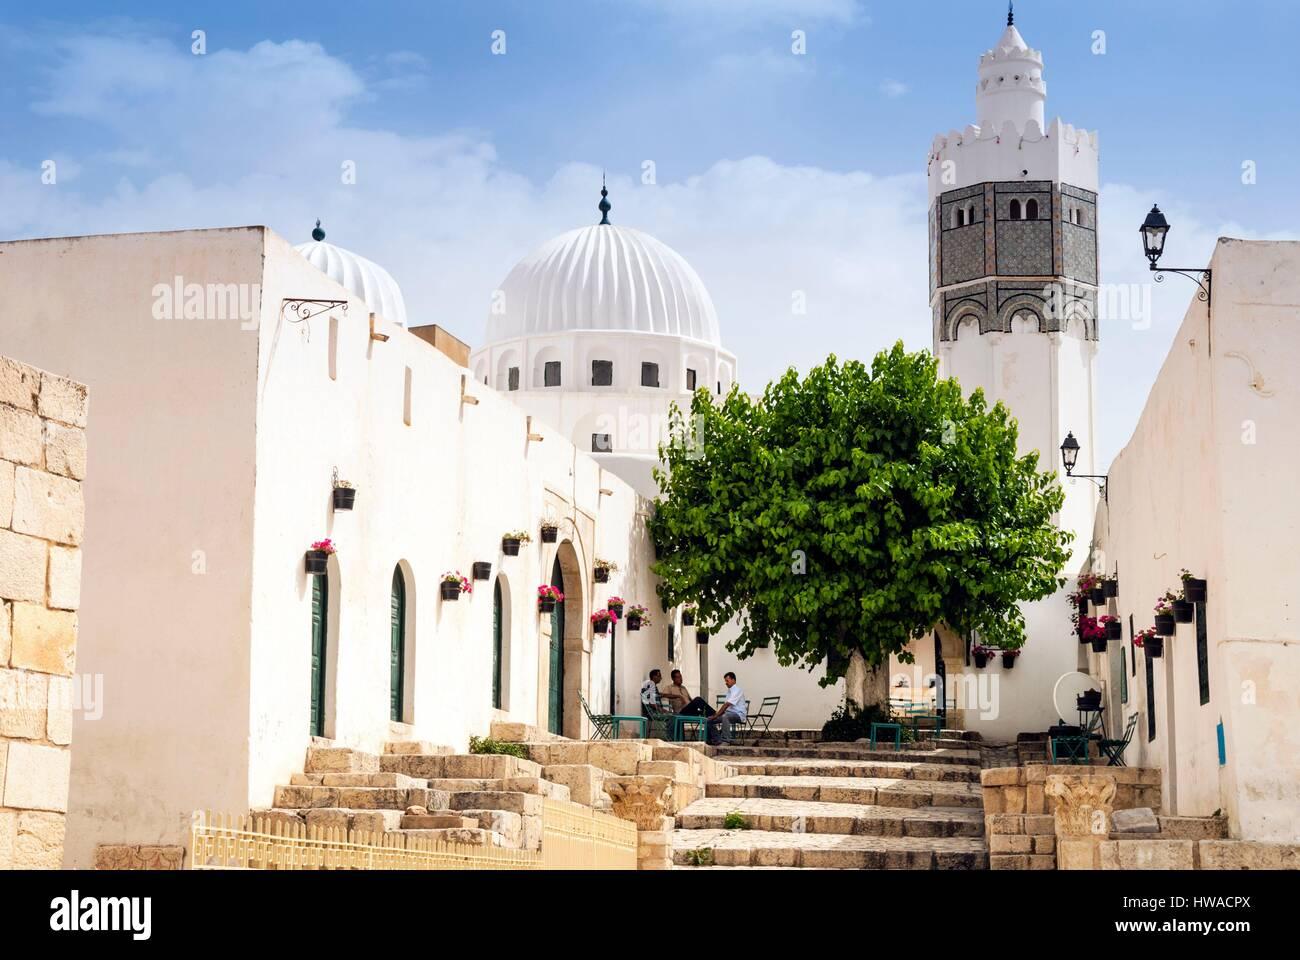 Tunisia, Northwest region, El Kef or Le Kef, Minaret of mosque of Sidi Bou Makhlouf Stock Photo